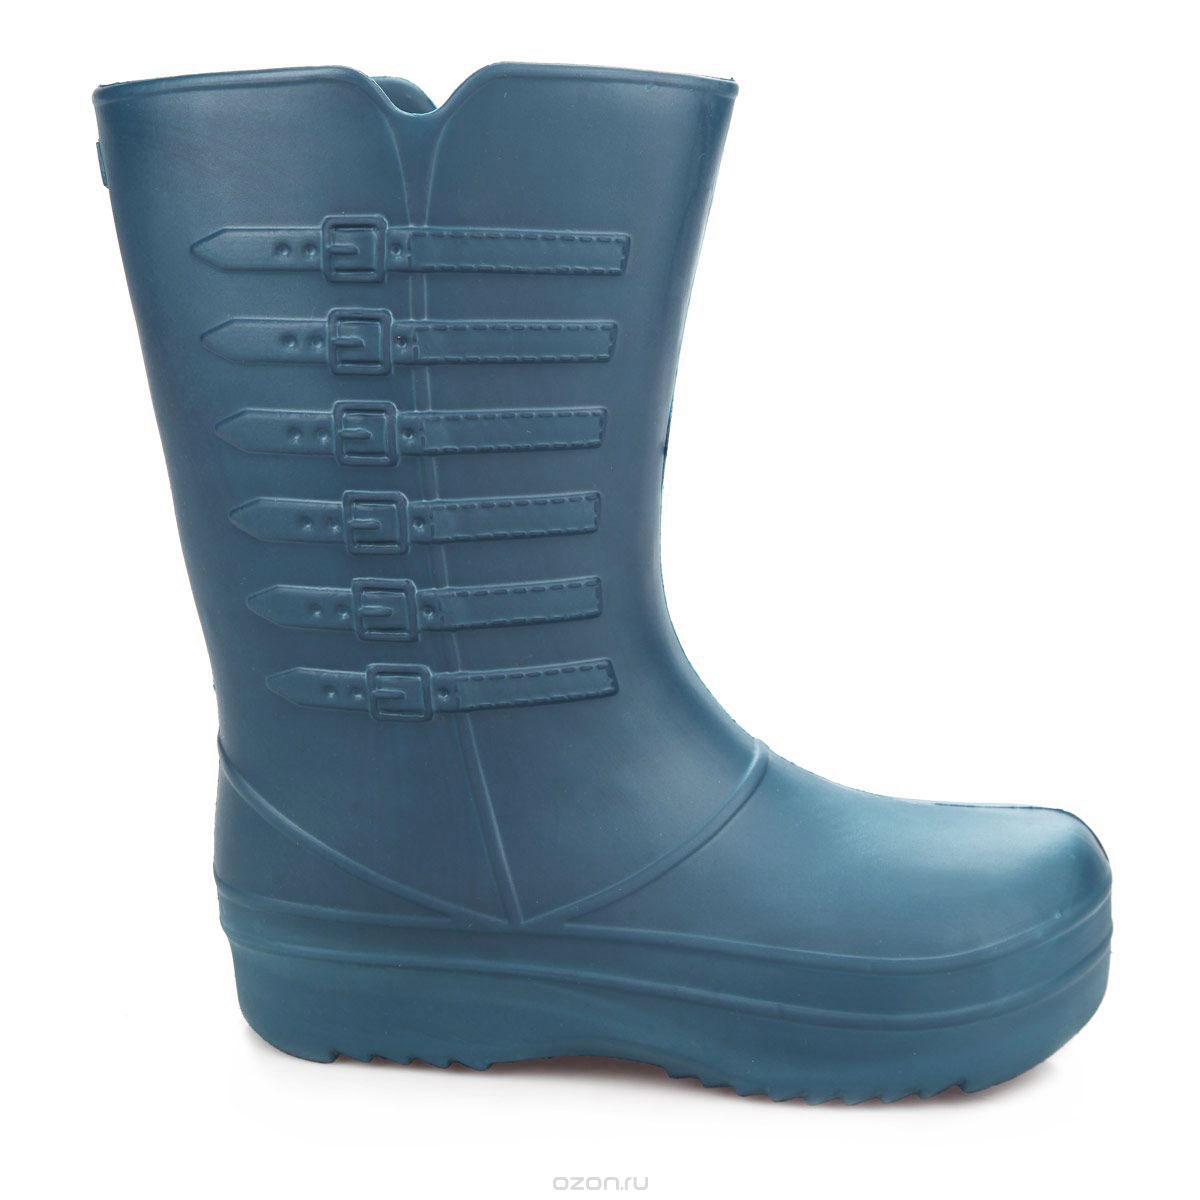 Сапоги резиновые женские Strappi, цвет: темно-синий. 703-3637. Размер 36/37703Практичные женские сапоги Strappi выполнены из прочного материала ЭВА. Благодаря литой форме они надежно защитят ваши ноги от влаги. Сапоги прекрасно сохраняют форму и не деформируются. Рельефная поверхность подошвы обеспечивает отличное сцепление с любой поверхностью. Одна из боковых сторон модели декорирована имитацией ремней с пряжками. В таких сапогах вашим ногам будет комфортно и уютно, они станут незаменимы в дождливую погоду.